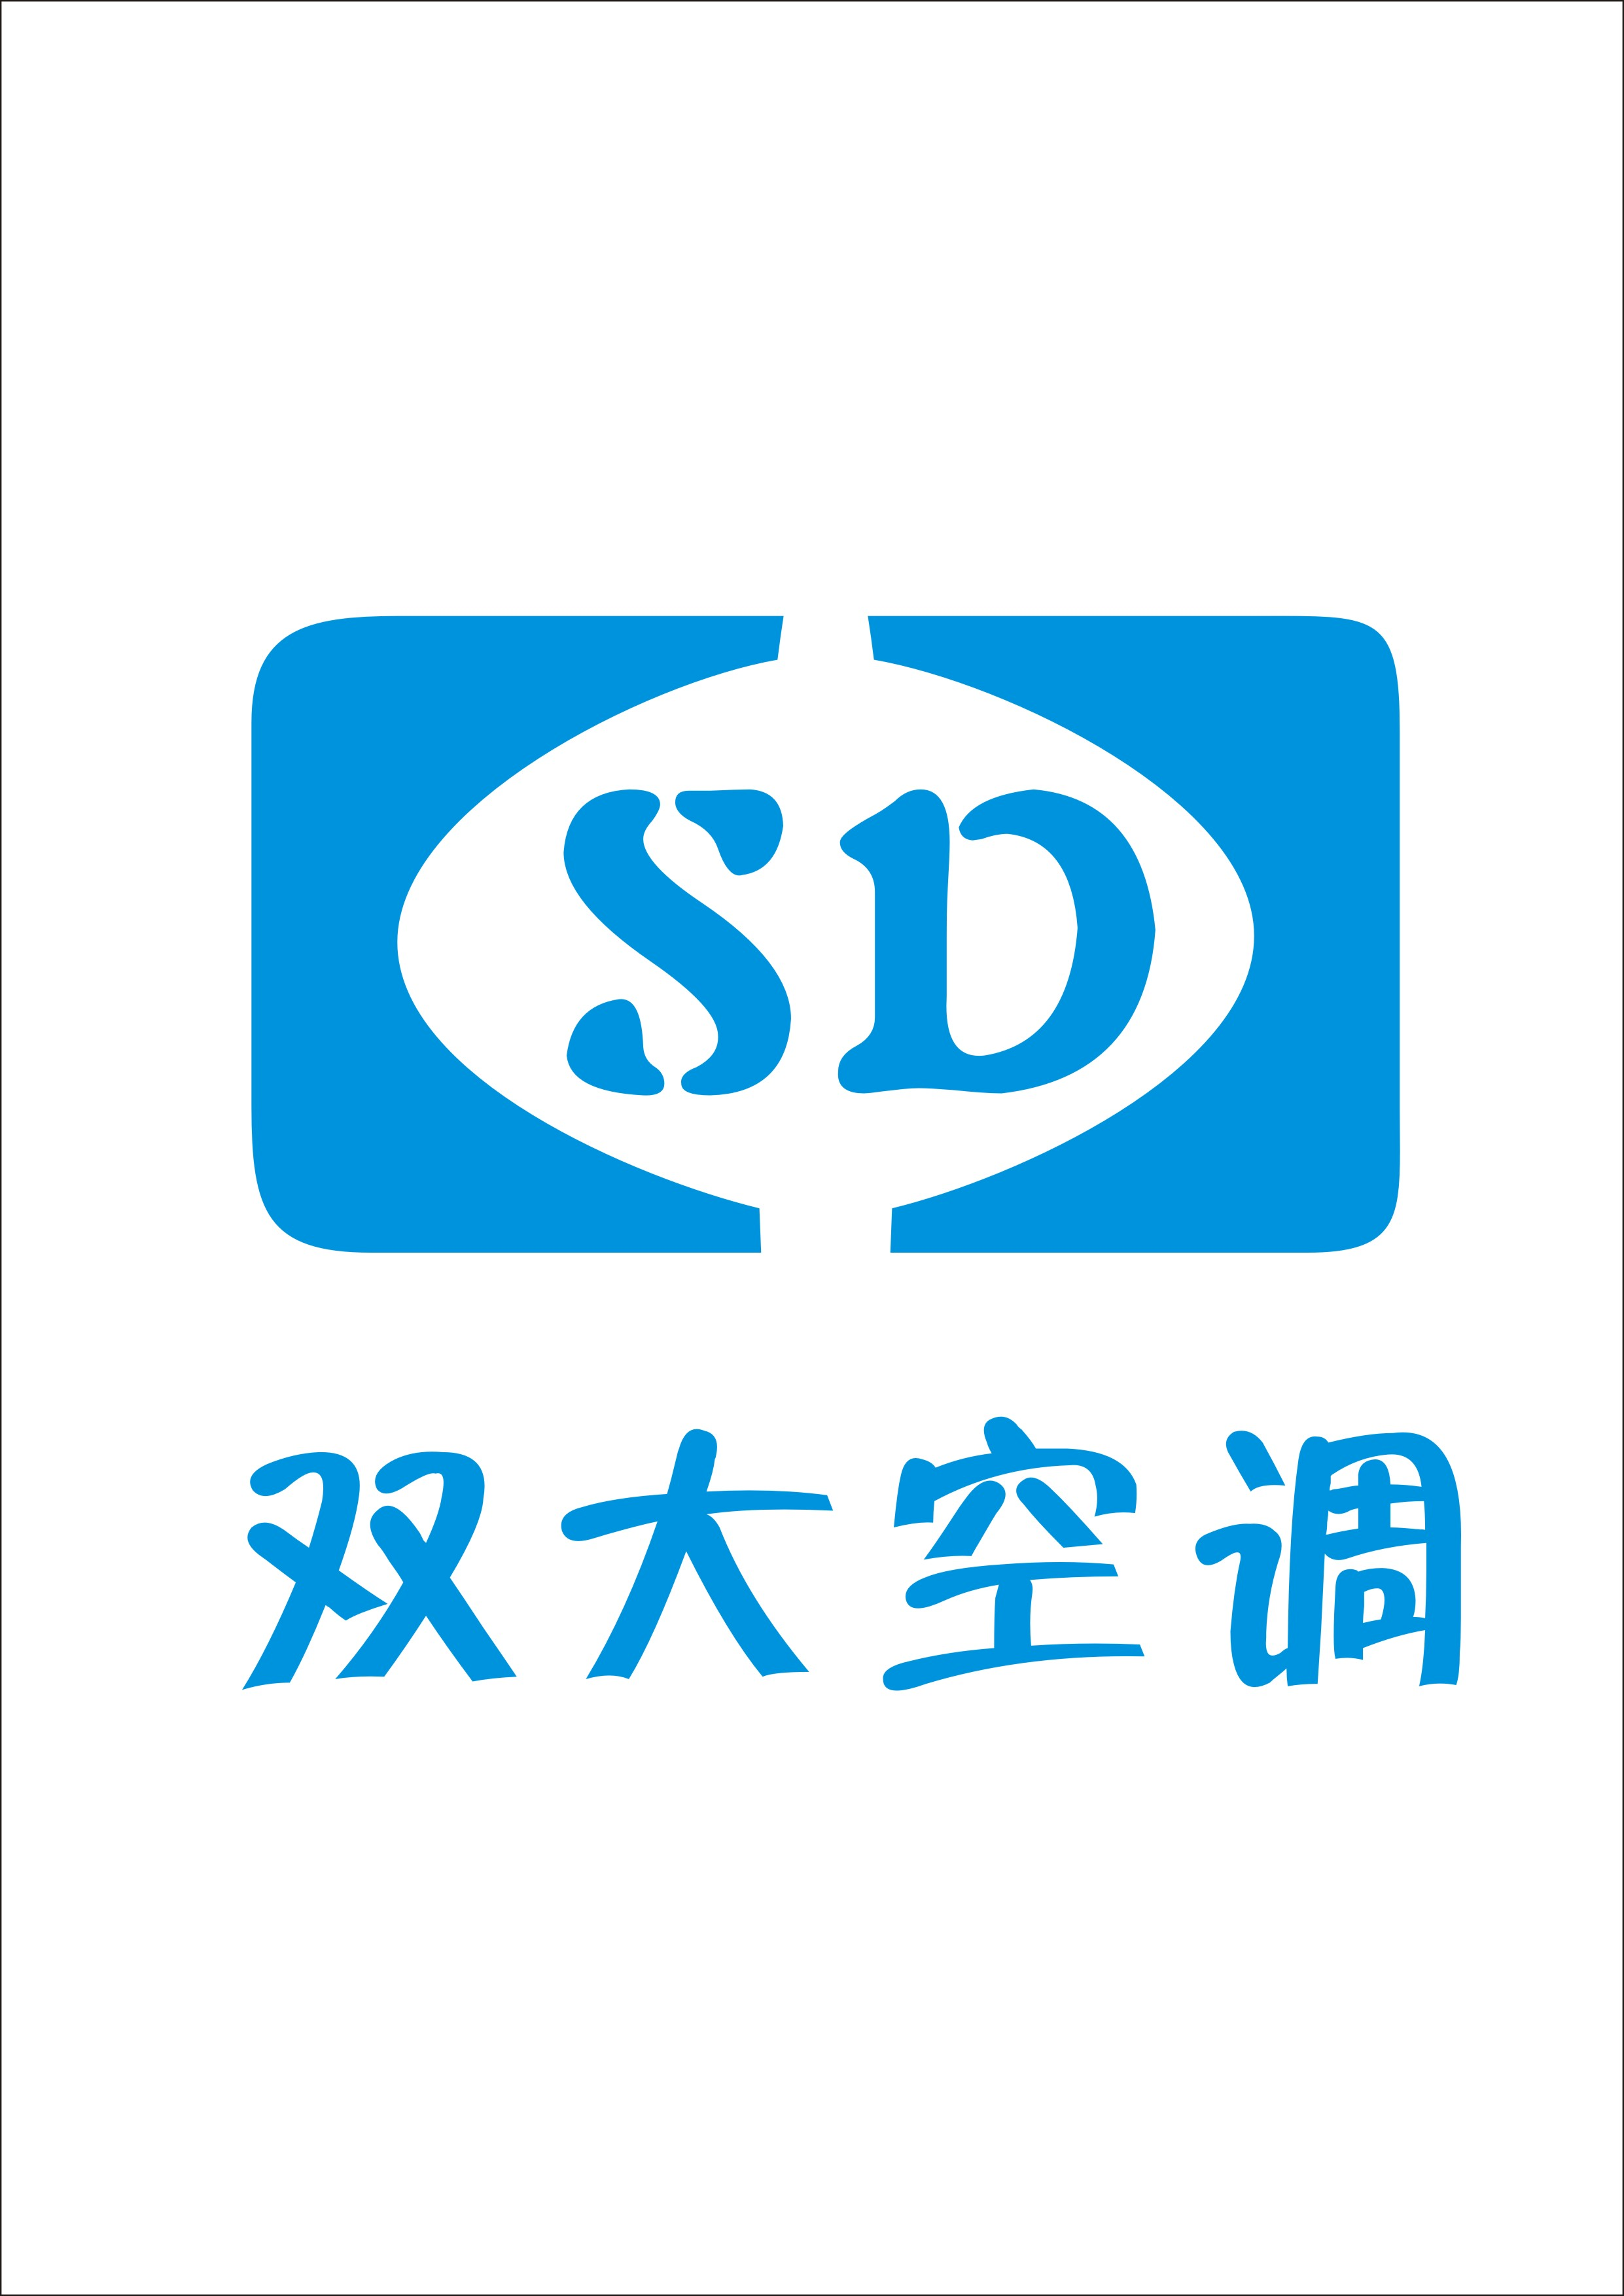 深圳市双大空调工程有限公司logo设计